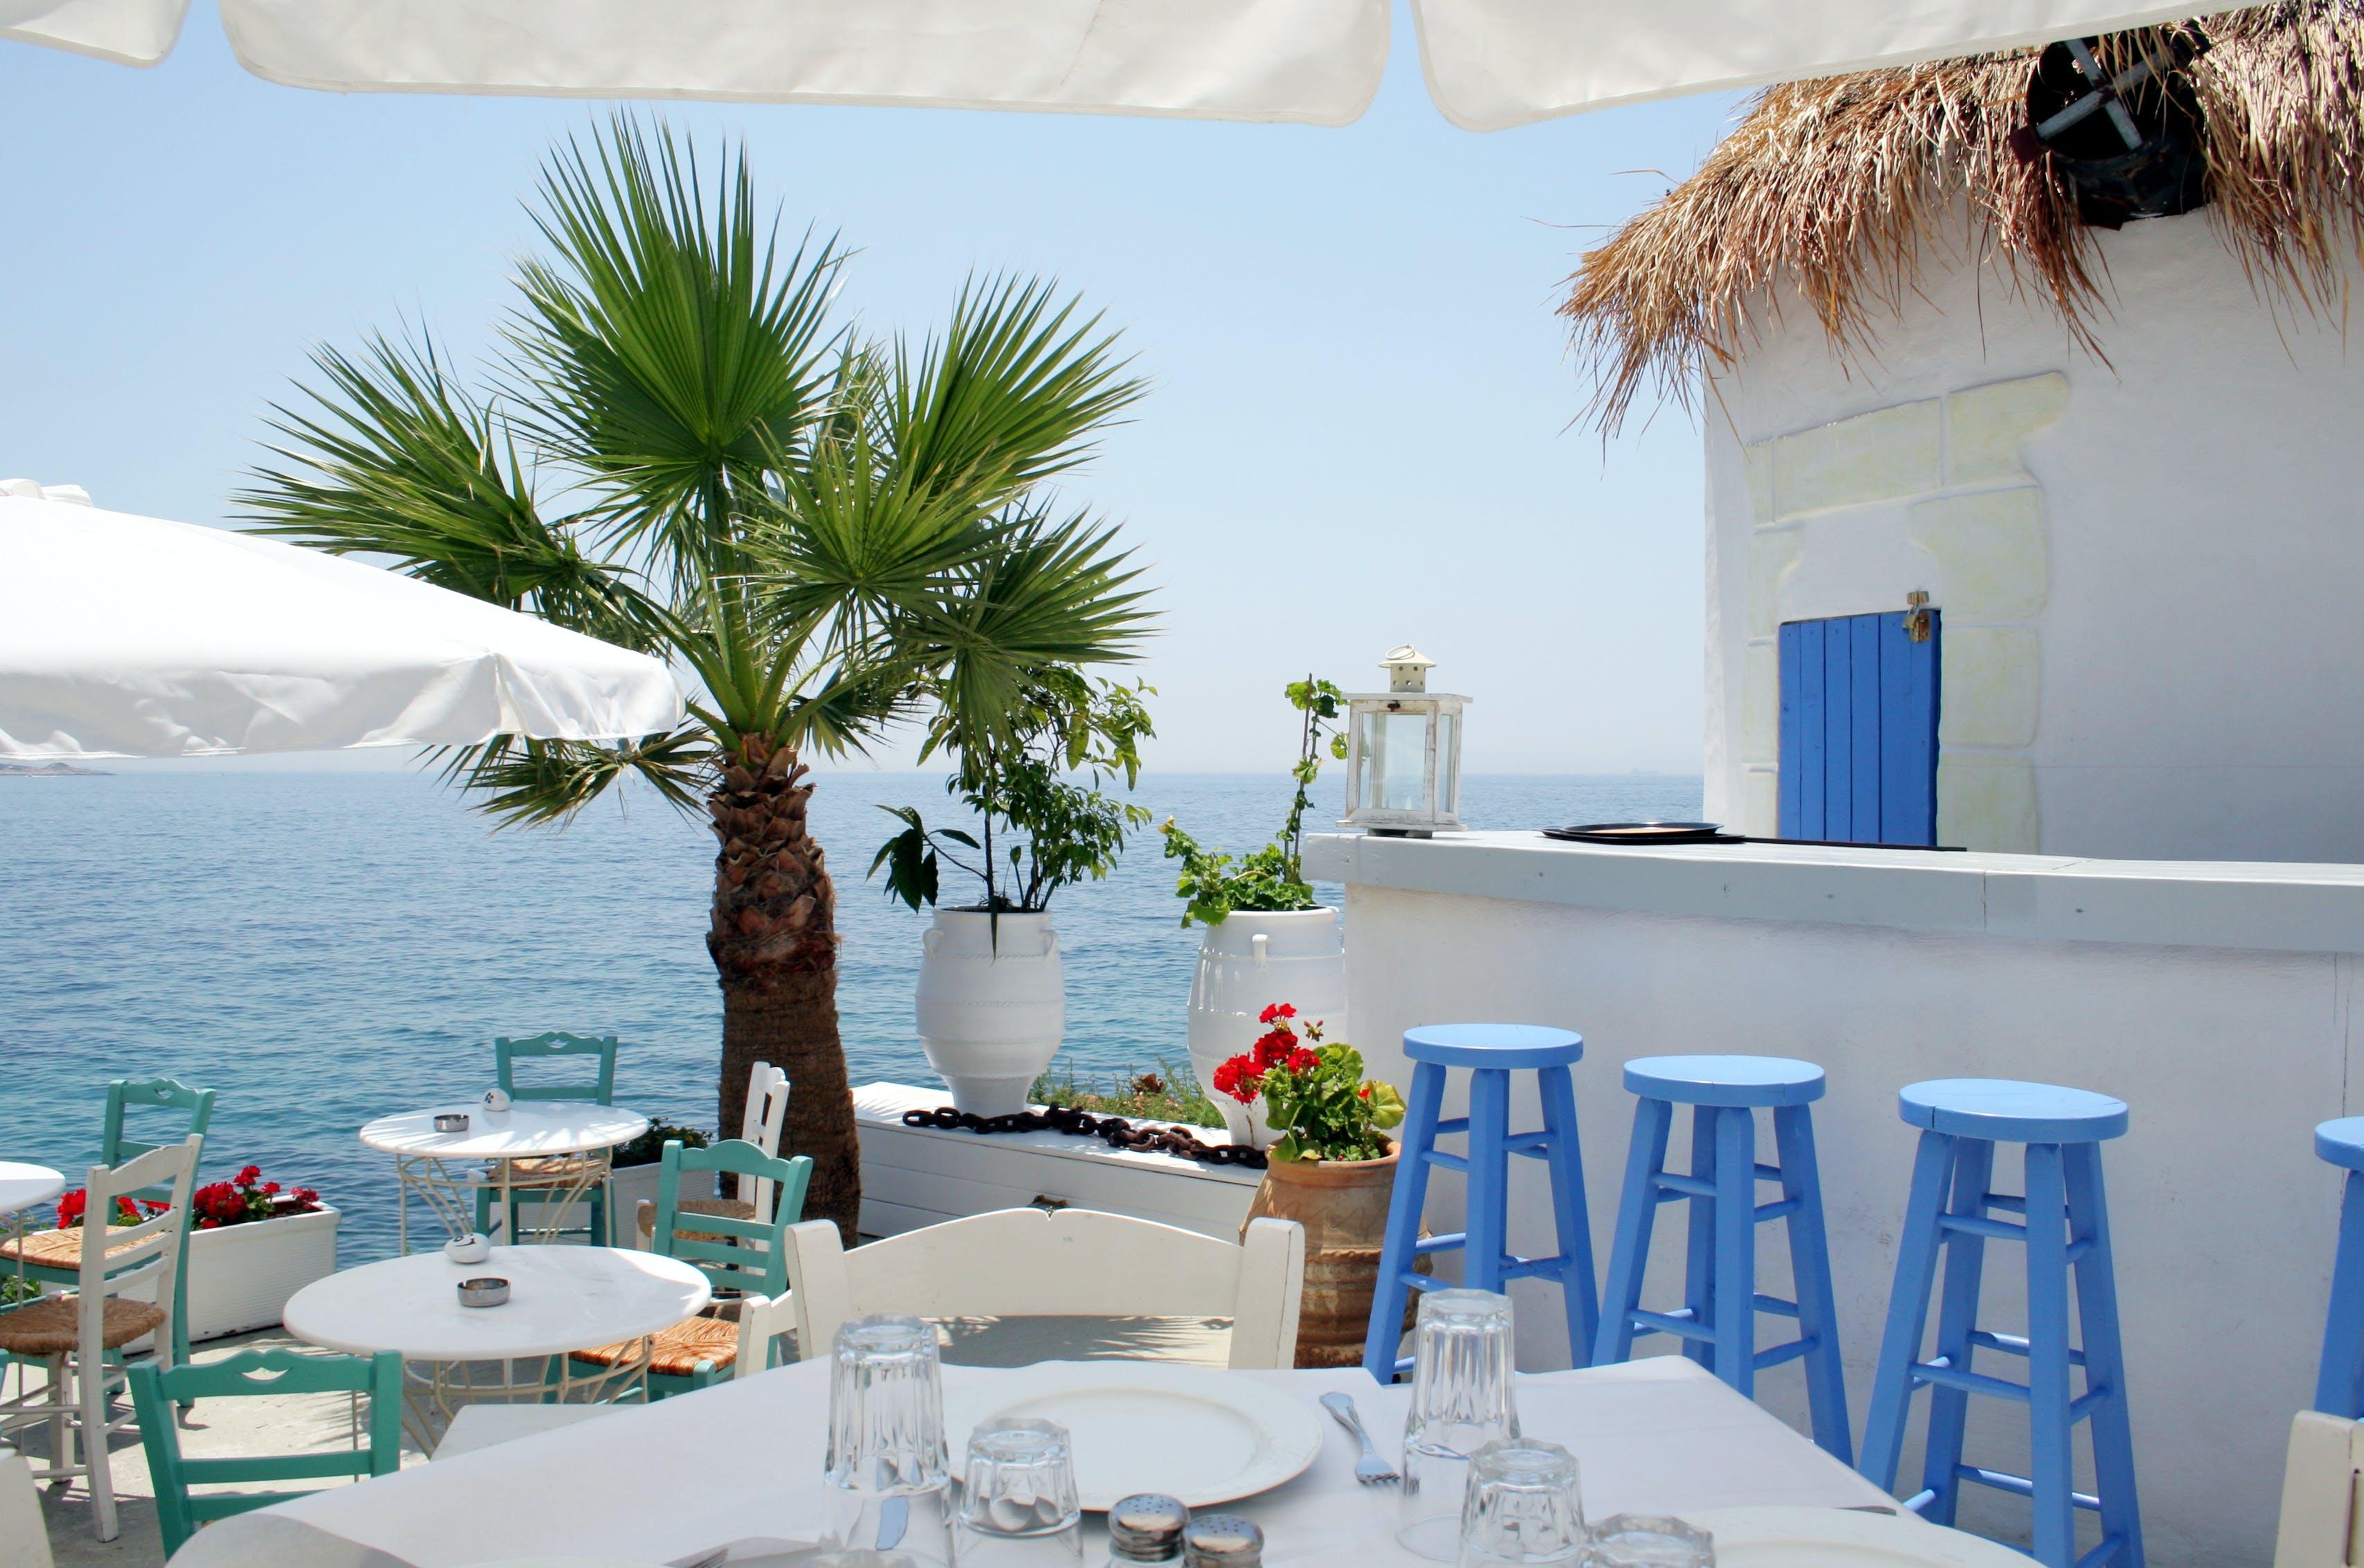 Geniet van een lekker Grieks gerechtje in een restaurant aan de zee